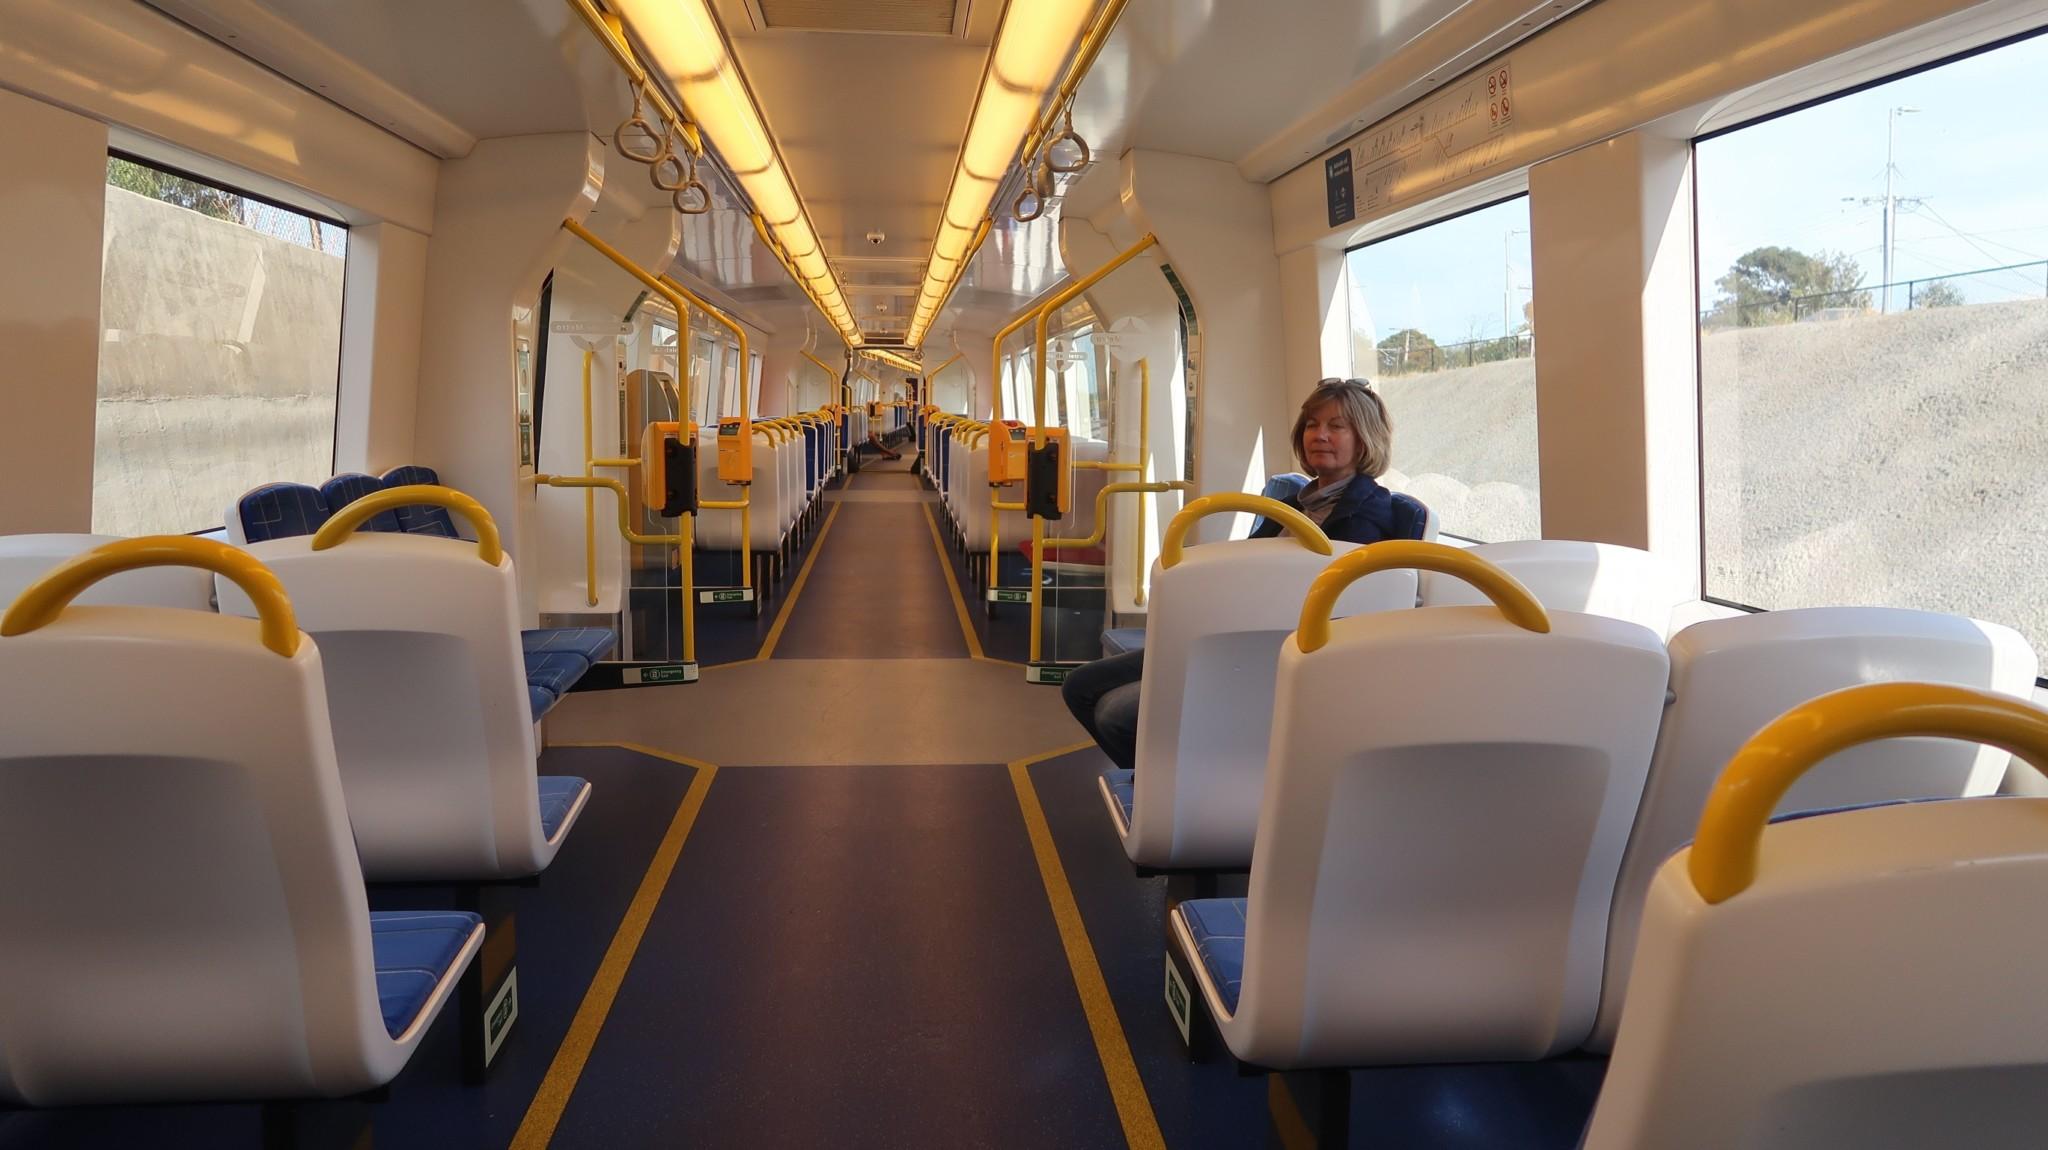 Tram Glenelg